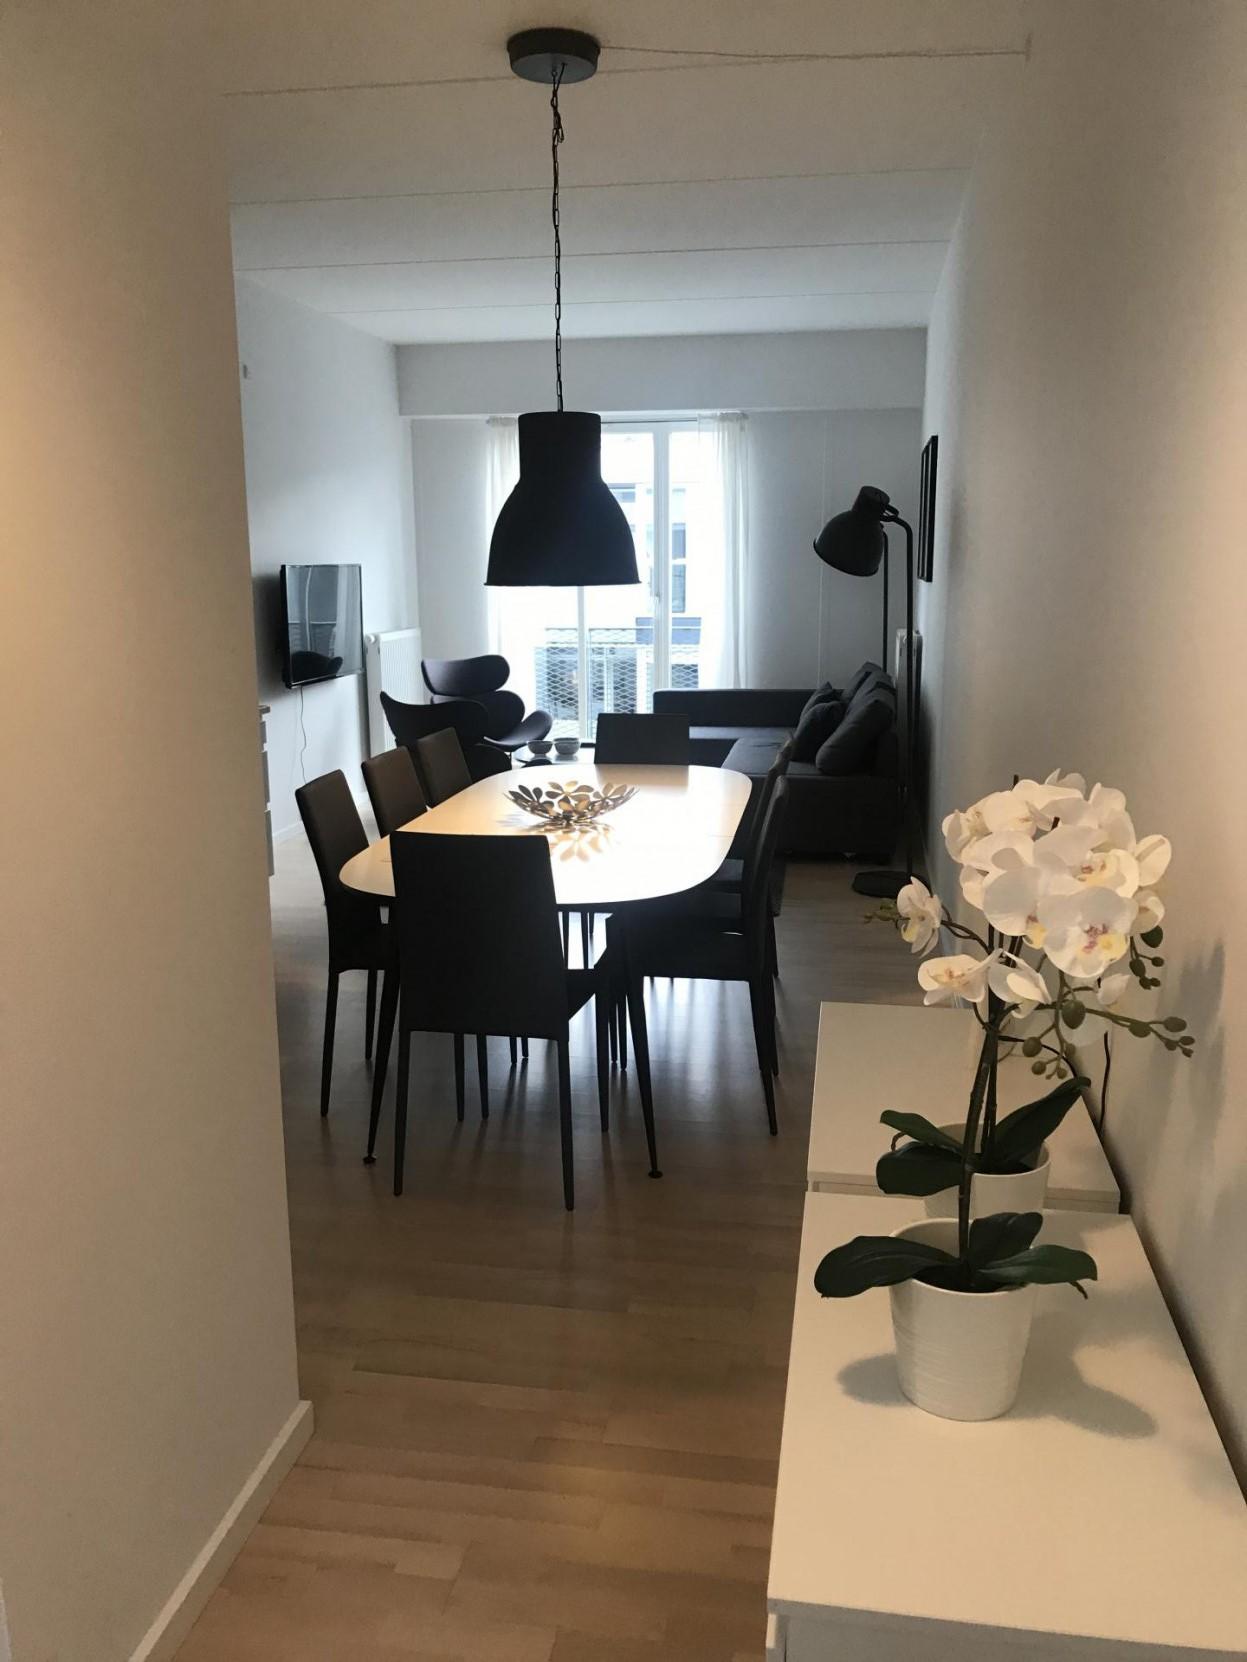 Dining area at Ben Webster Vej Apartments, Sydhavnen, Copenhagen